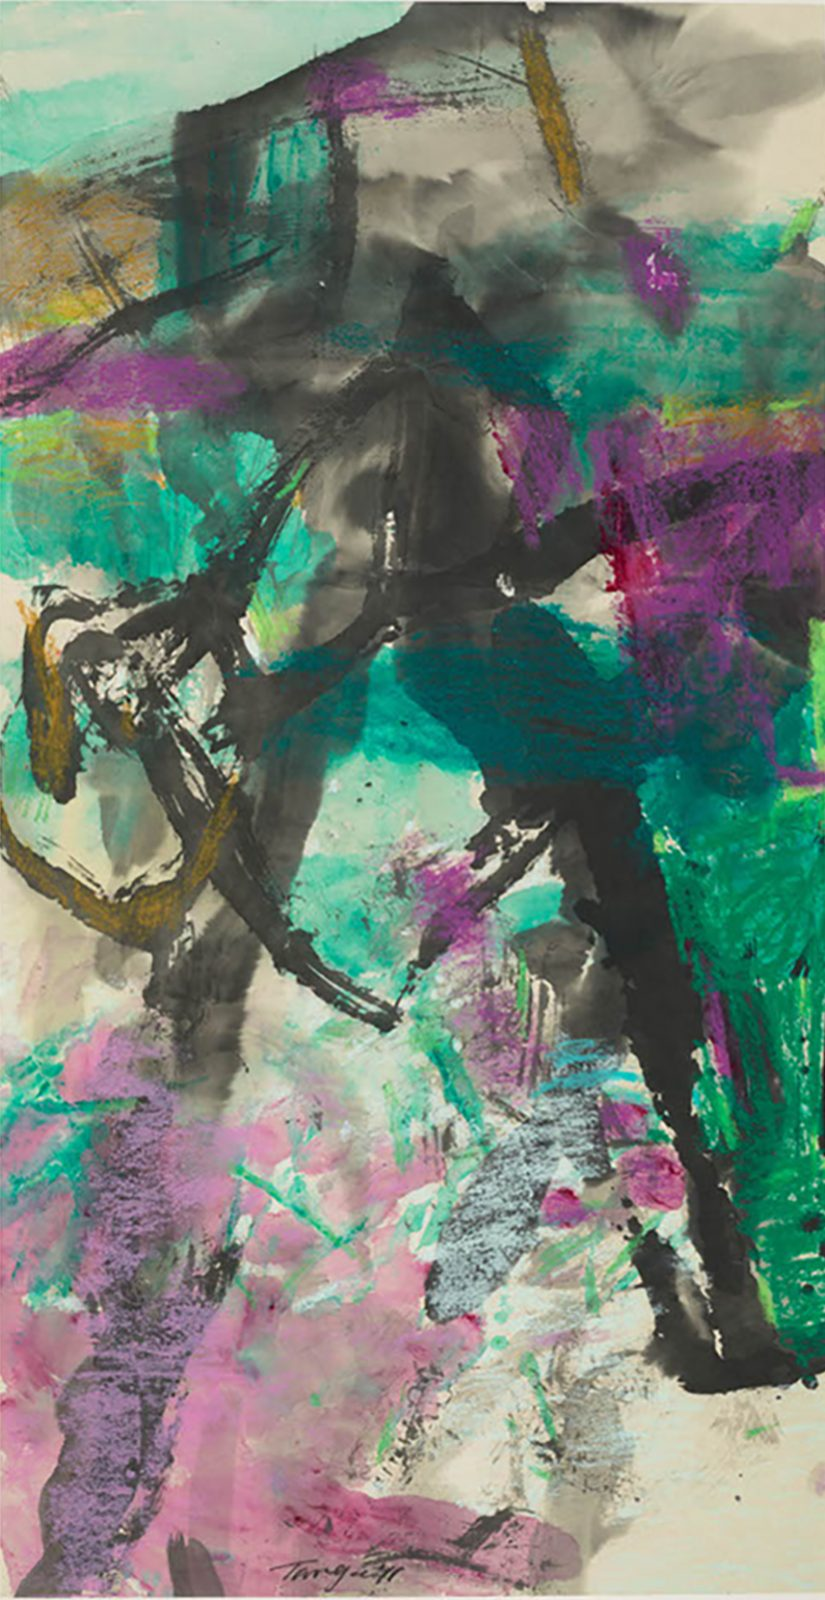 River Thames1 74x143cm Mixture Watercolour, Ink, oil pastel, Painting copy